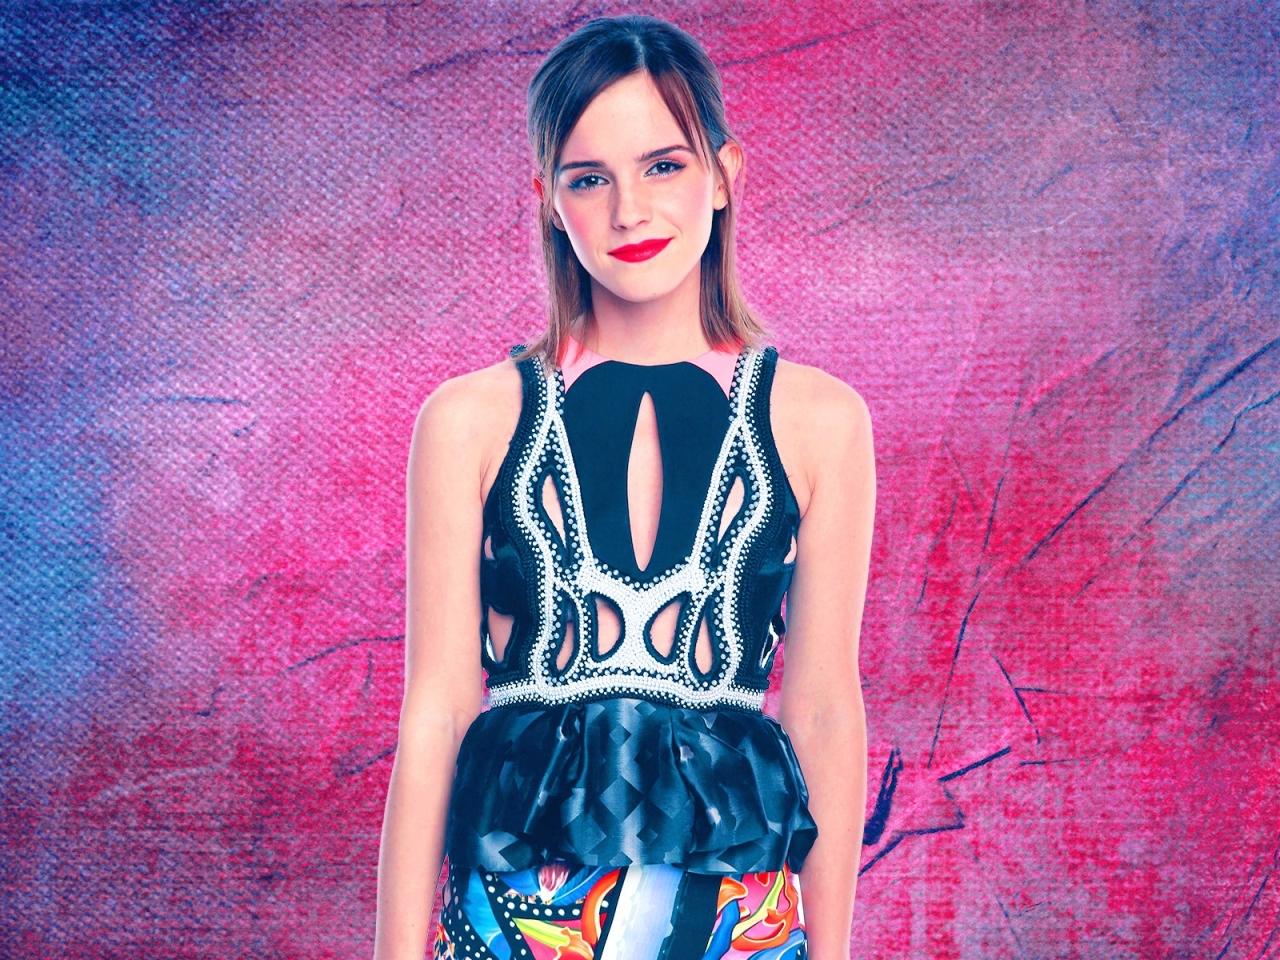 Fotografía Emma Watson - 1280x960